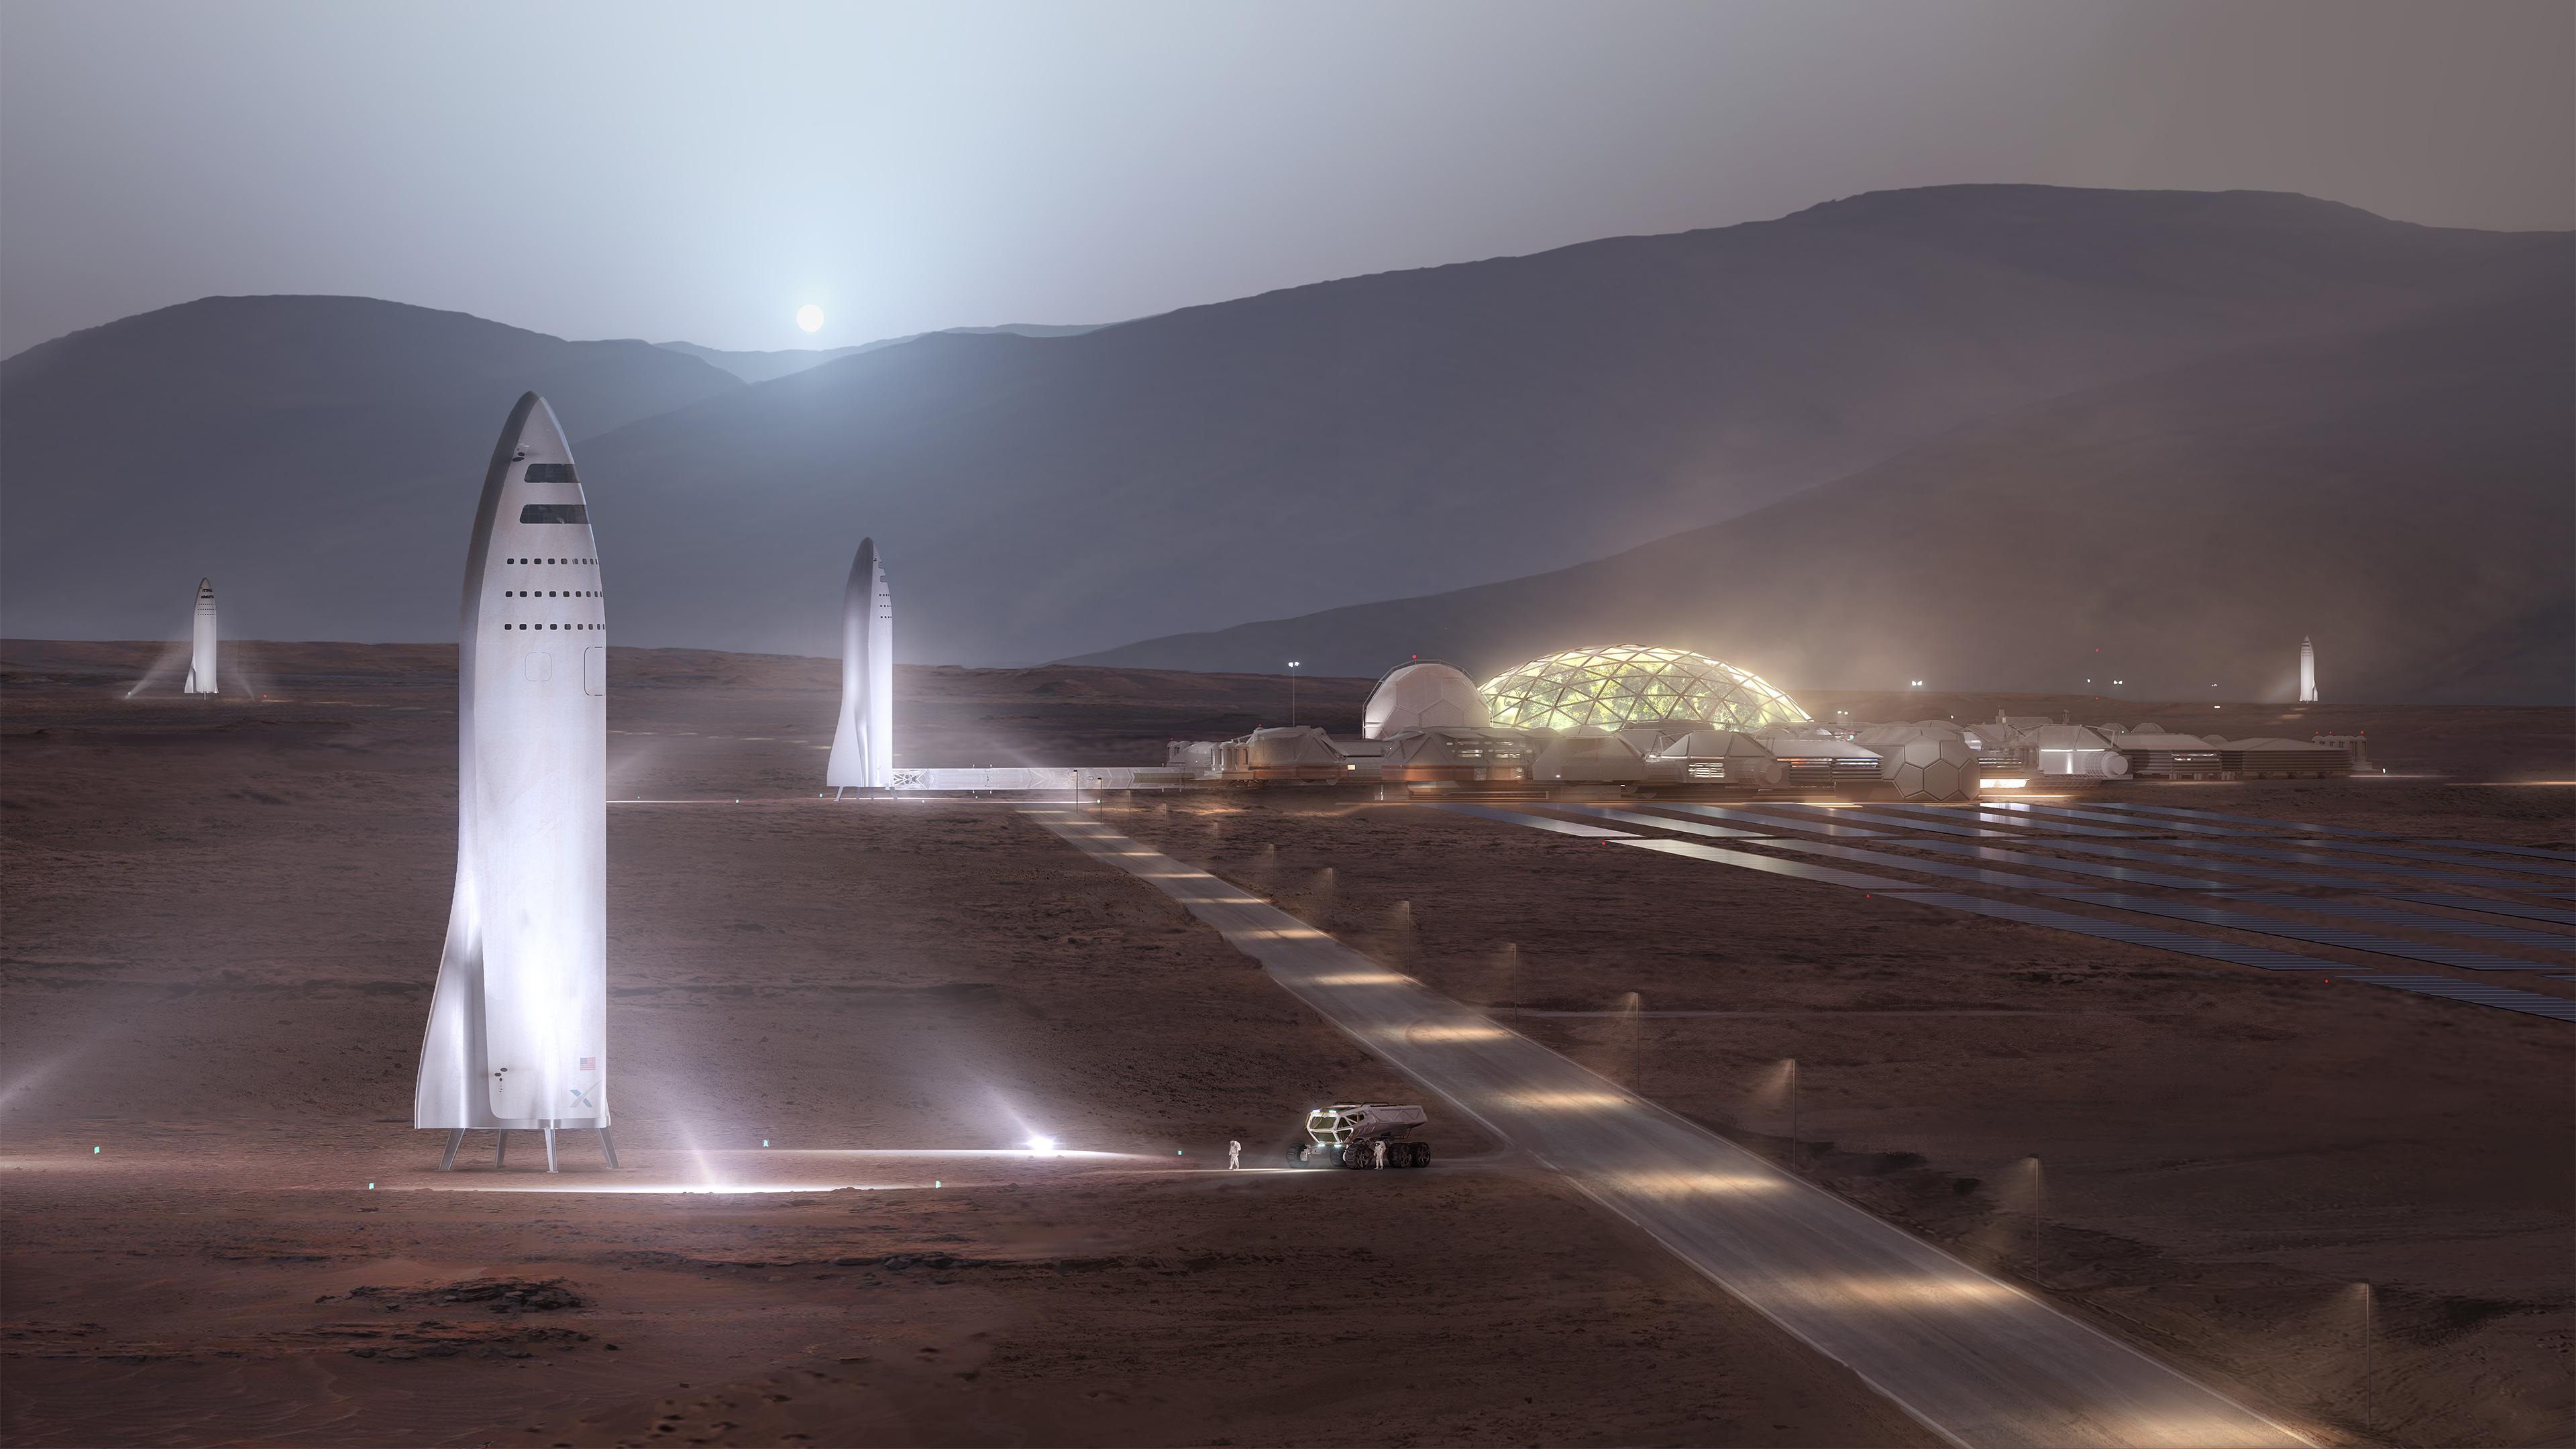 Les projets fous d'Elon Musk